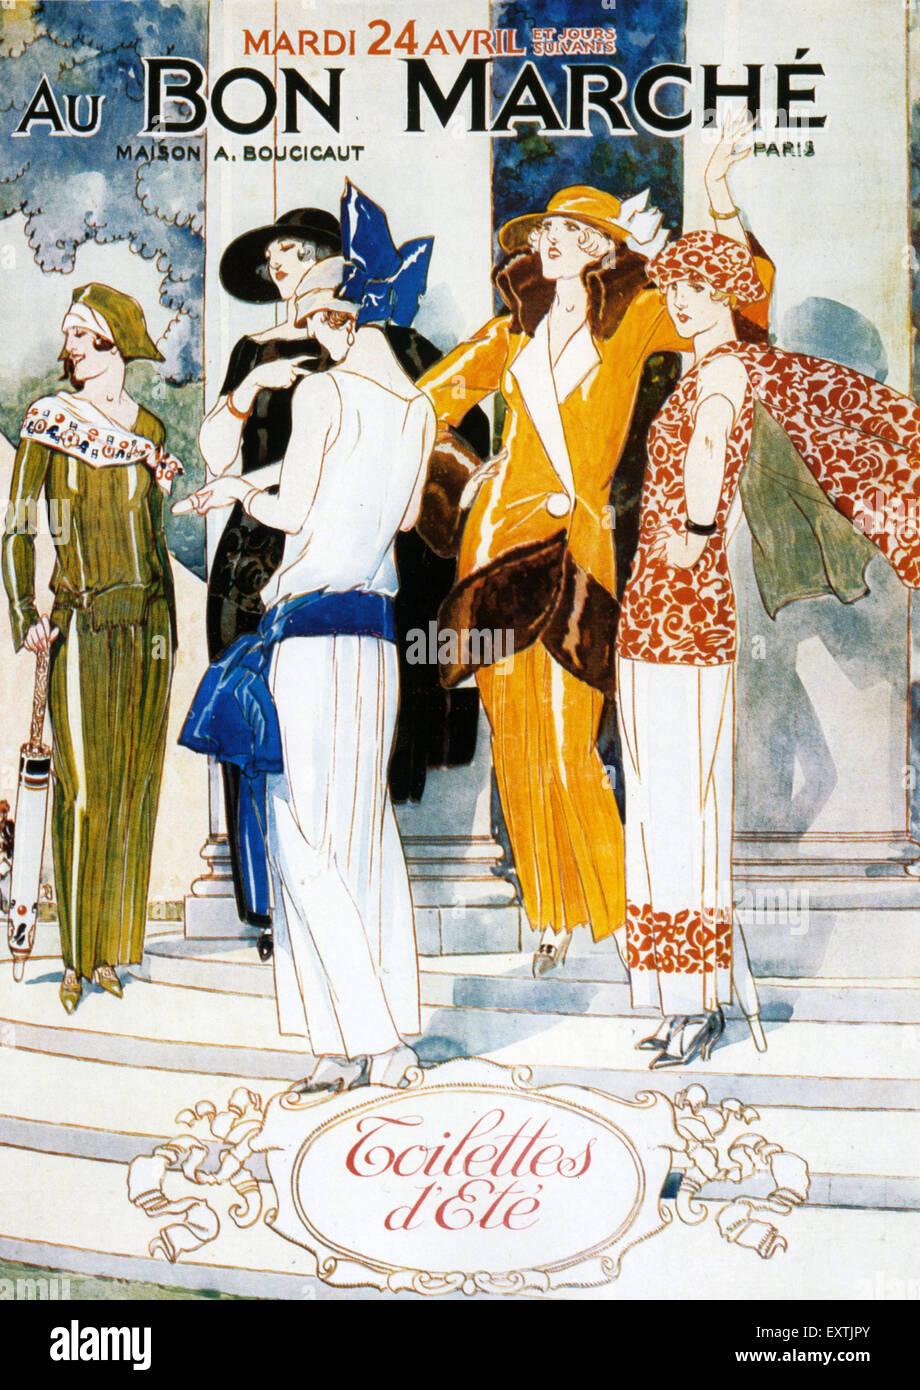 1920s France Au Bon Marche Poster - Stock Image